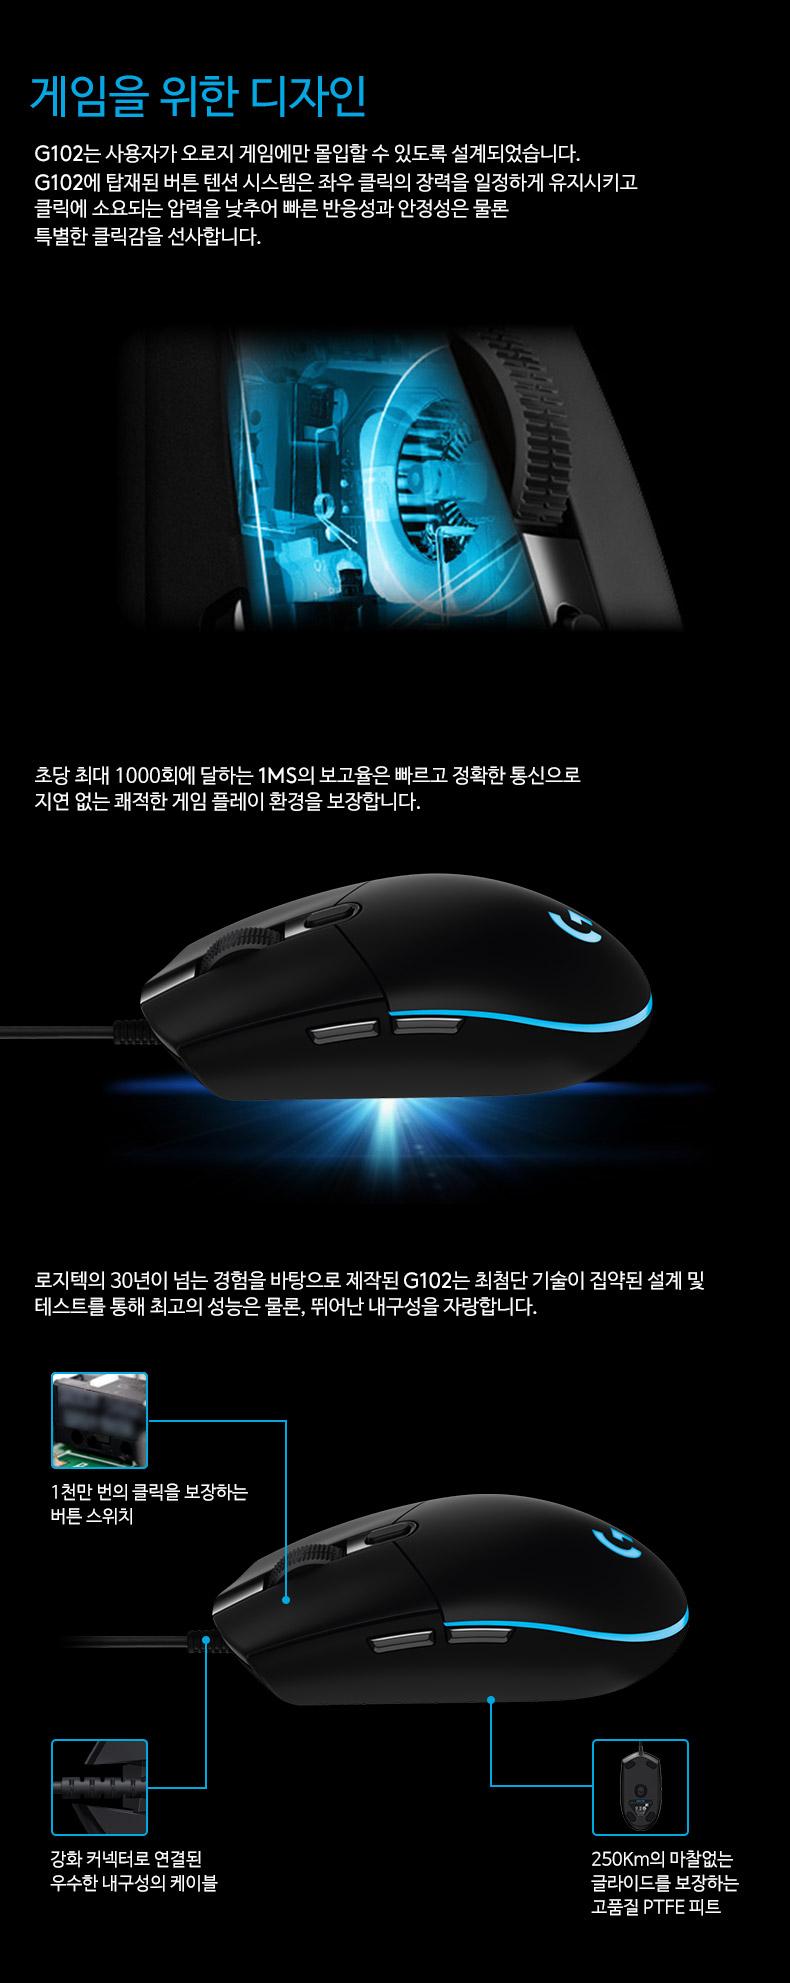 [촬영상품]로지텍 G102 PRODIGY 마우스 (블랙, 정품)